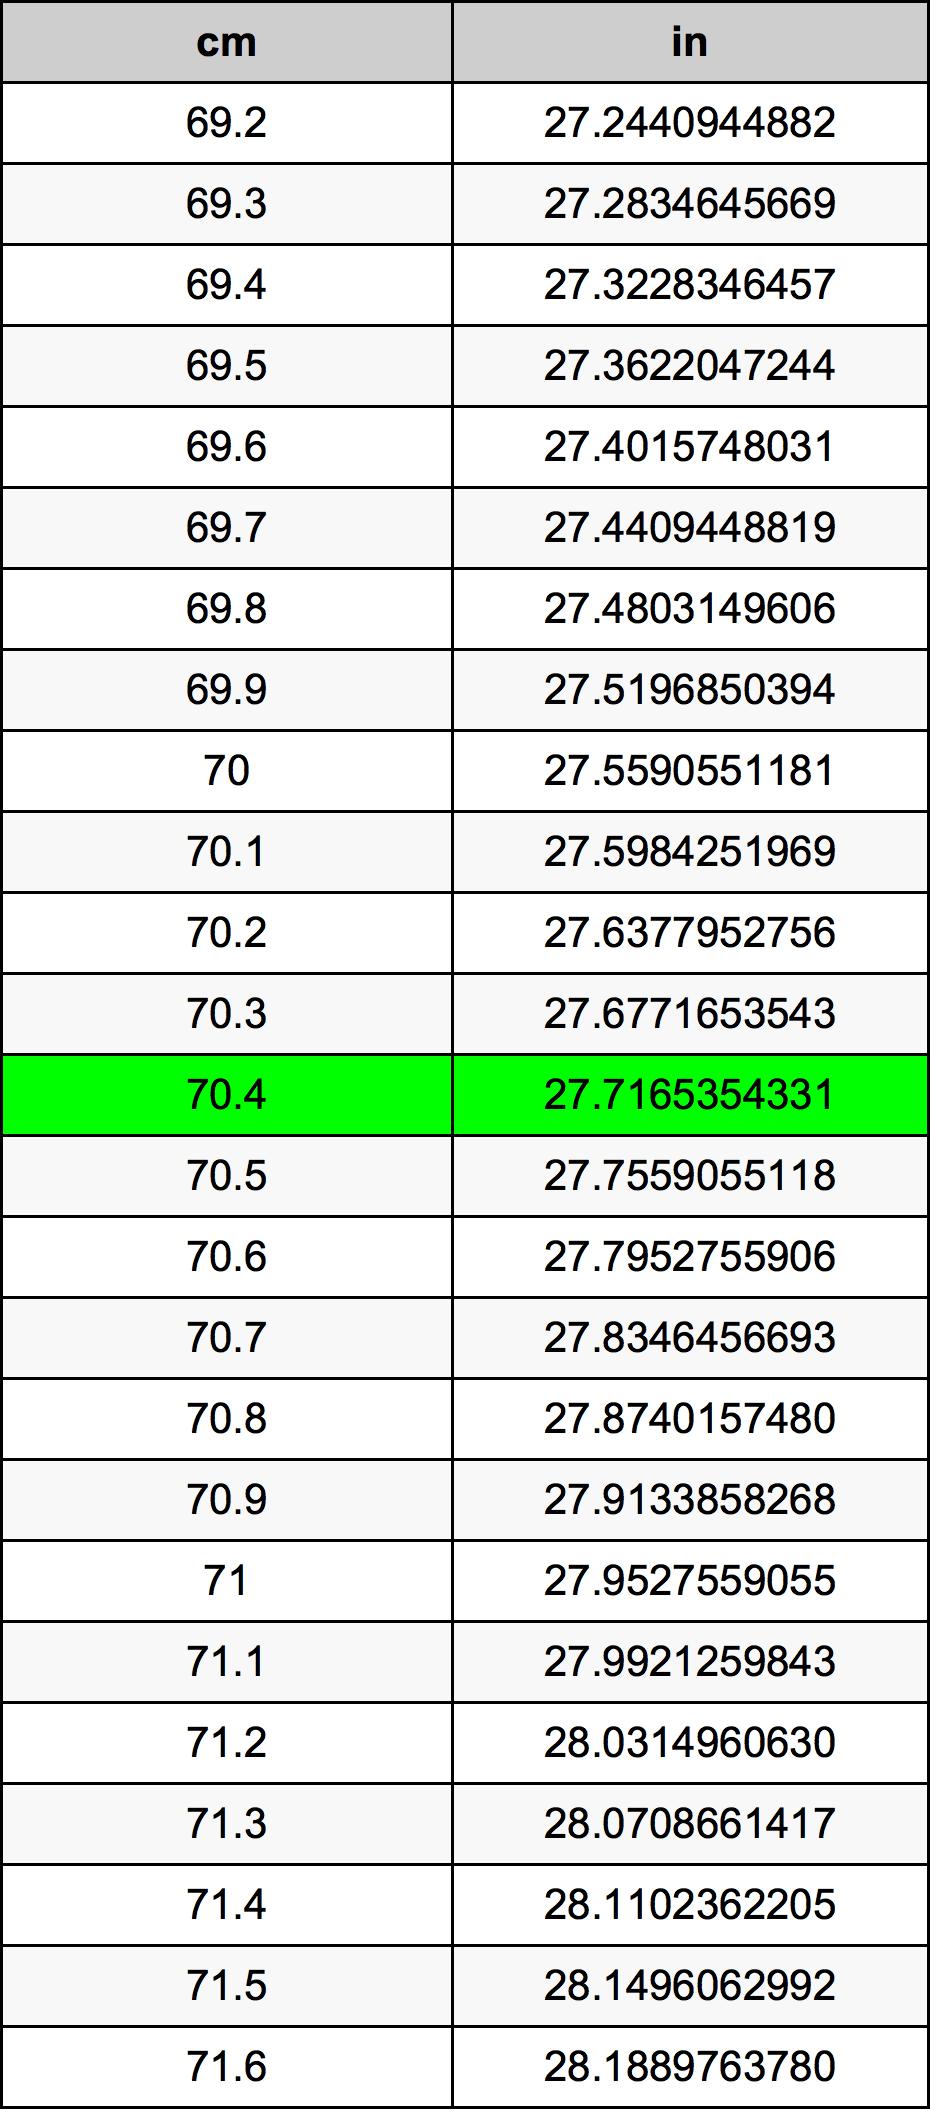 70.4 ċentimetru konverżjoni tabella